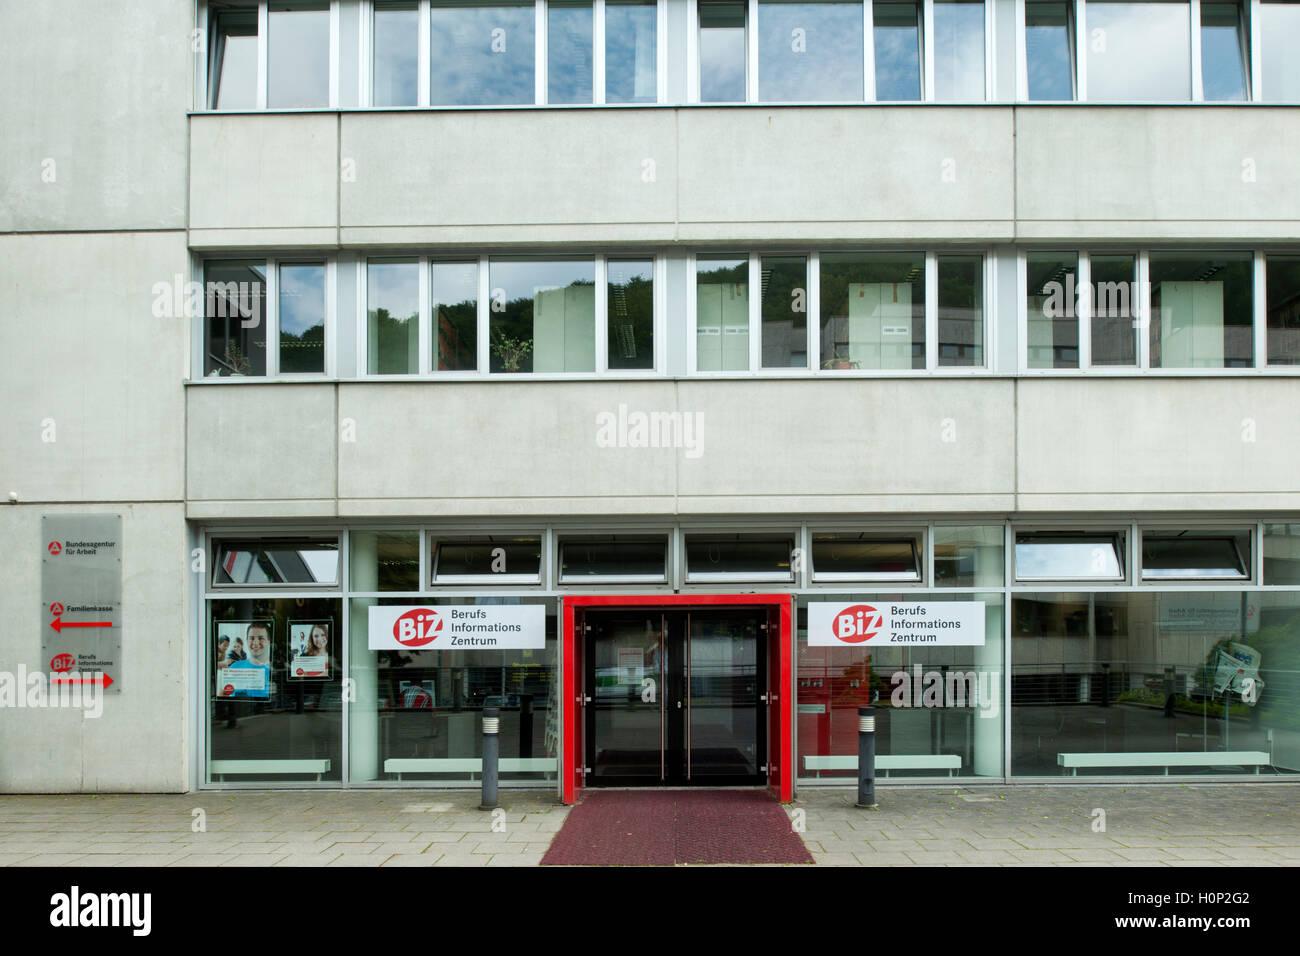 Deutschland, Nordrhein-Westfalen, Wuppertal-Barmen, Agentur für Arbeit, Jobcenter - Stock Image